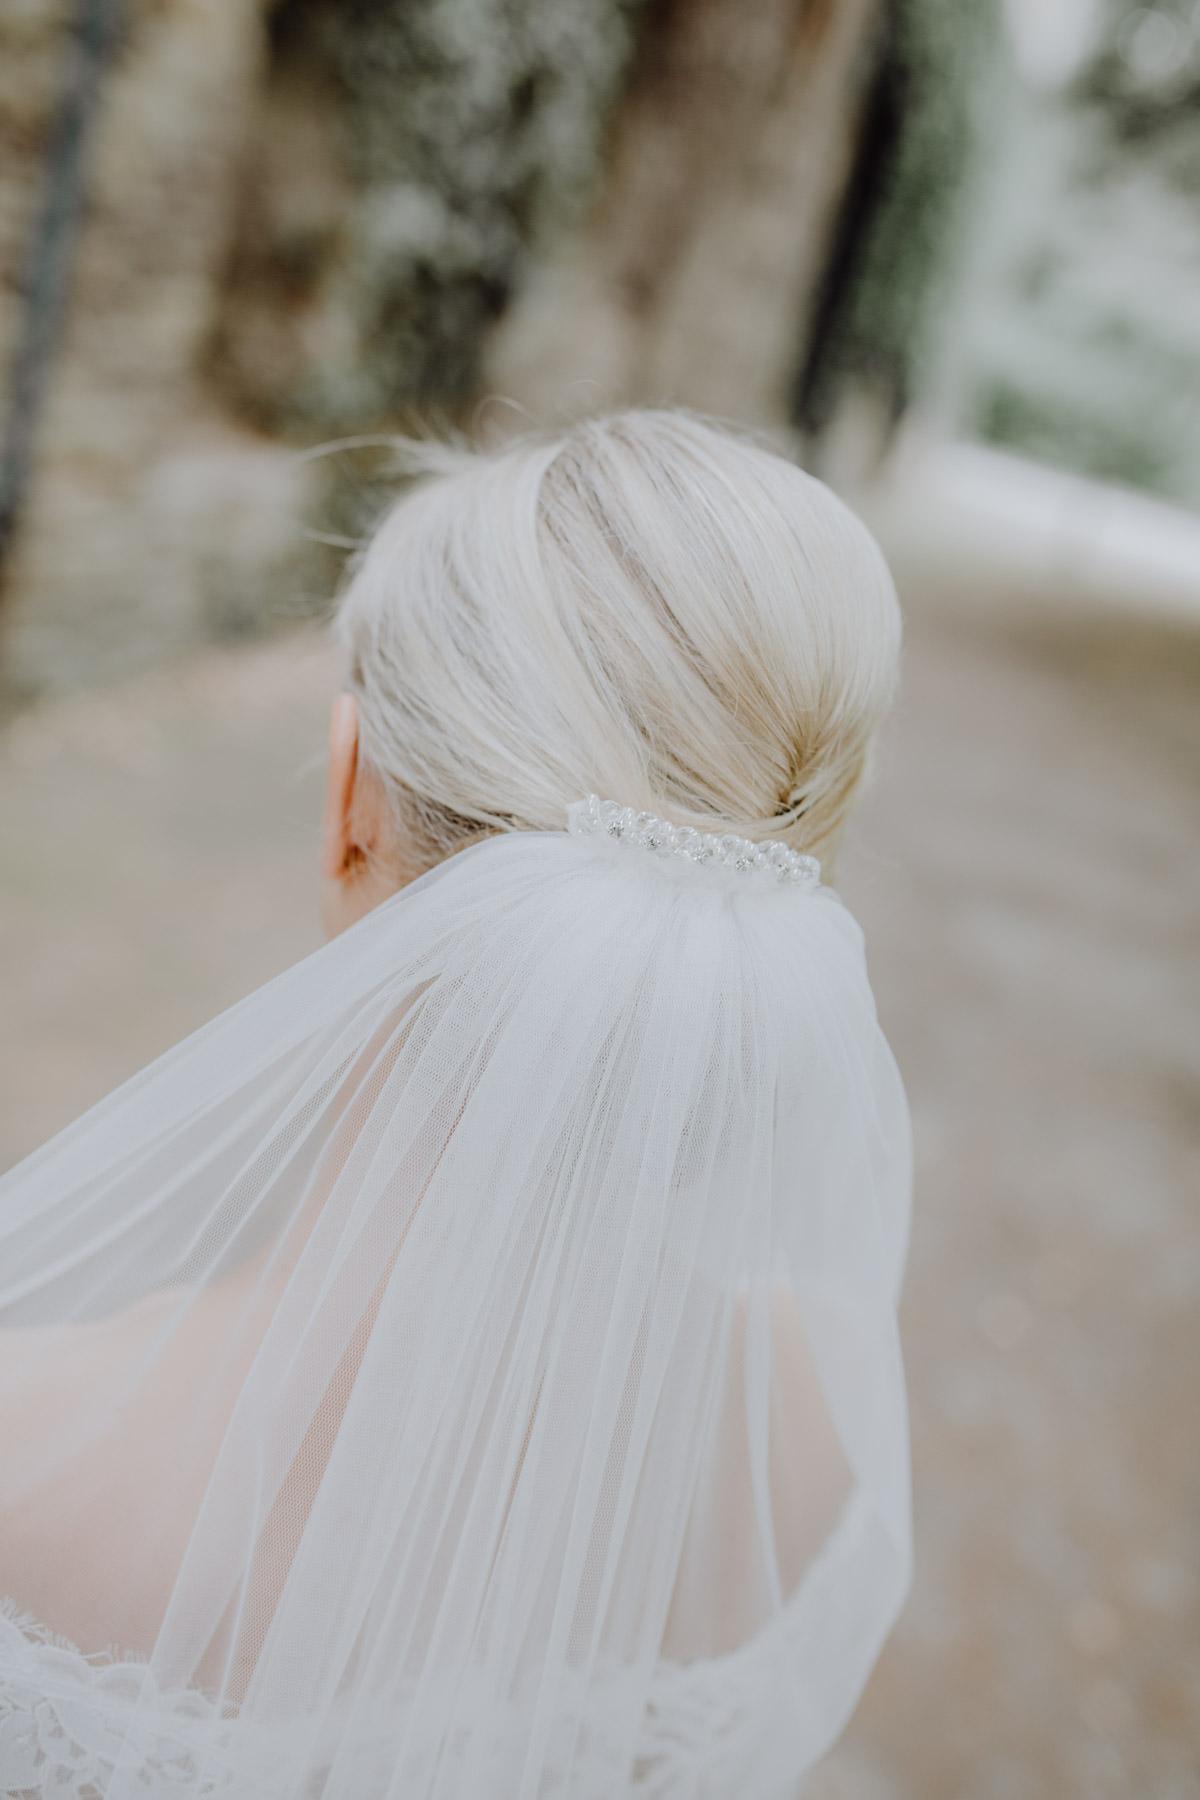 Detailausnahme Schleier einer Braut